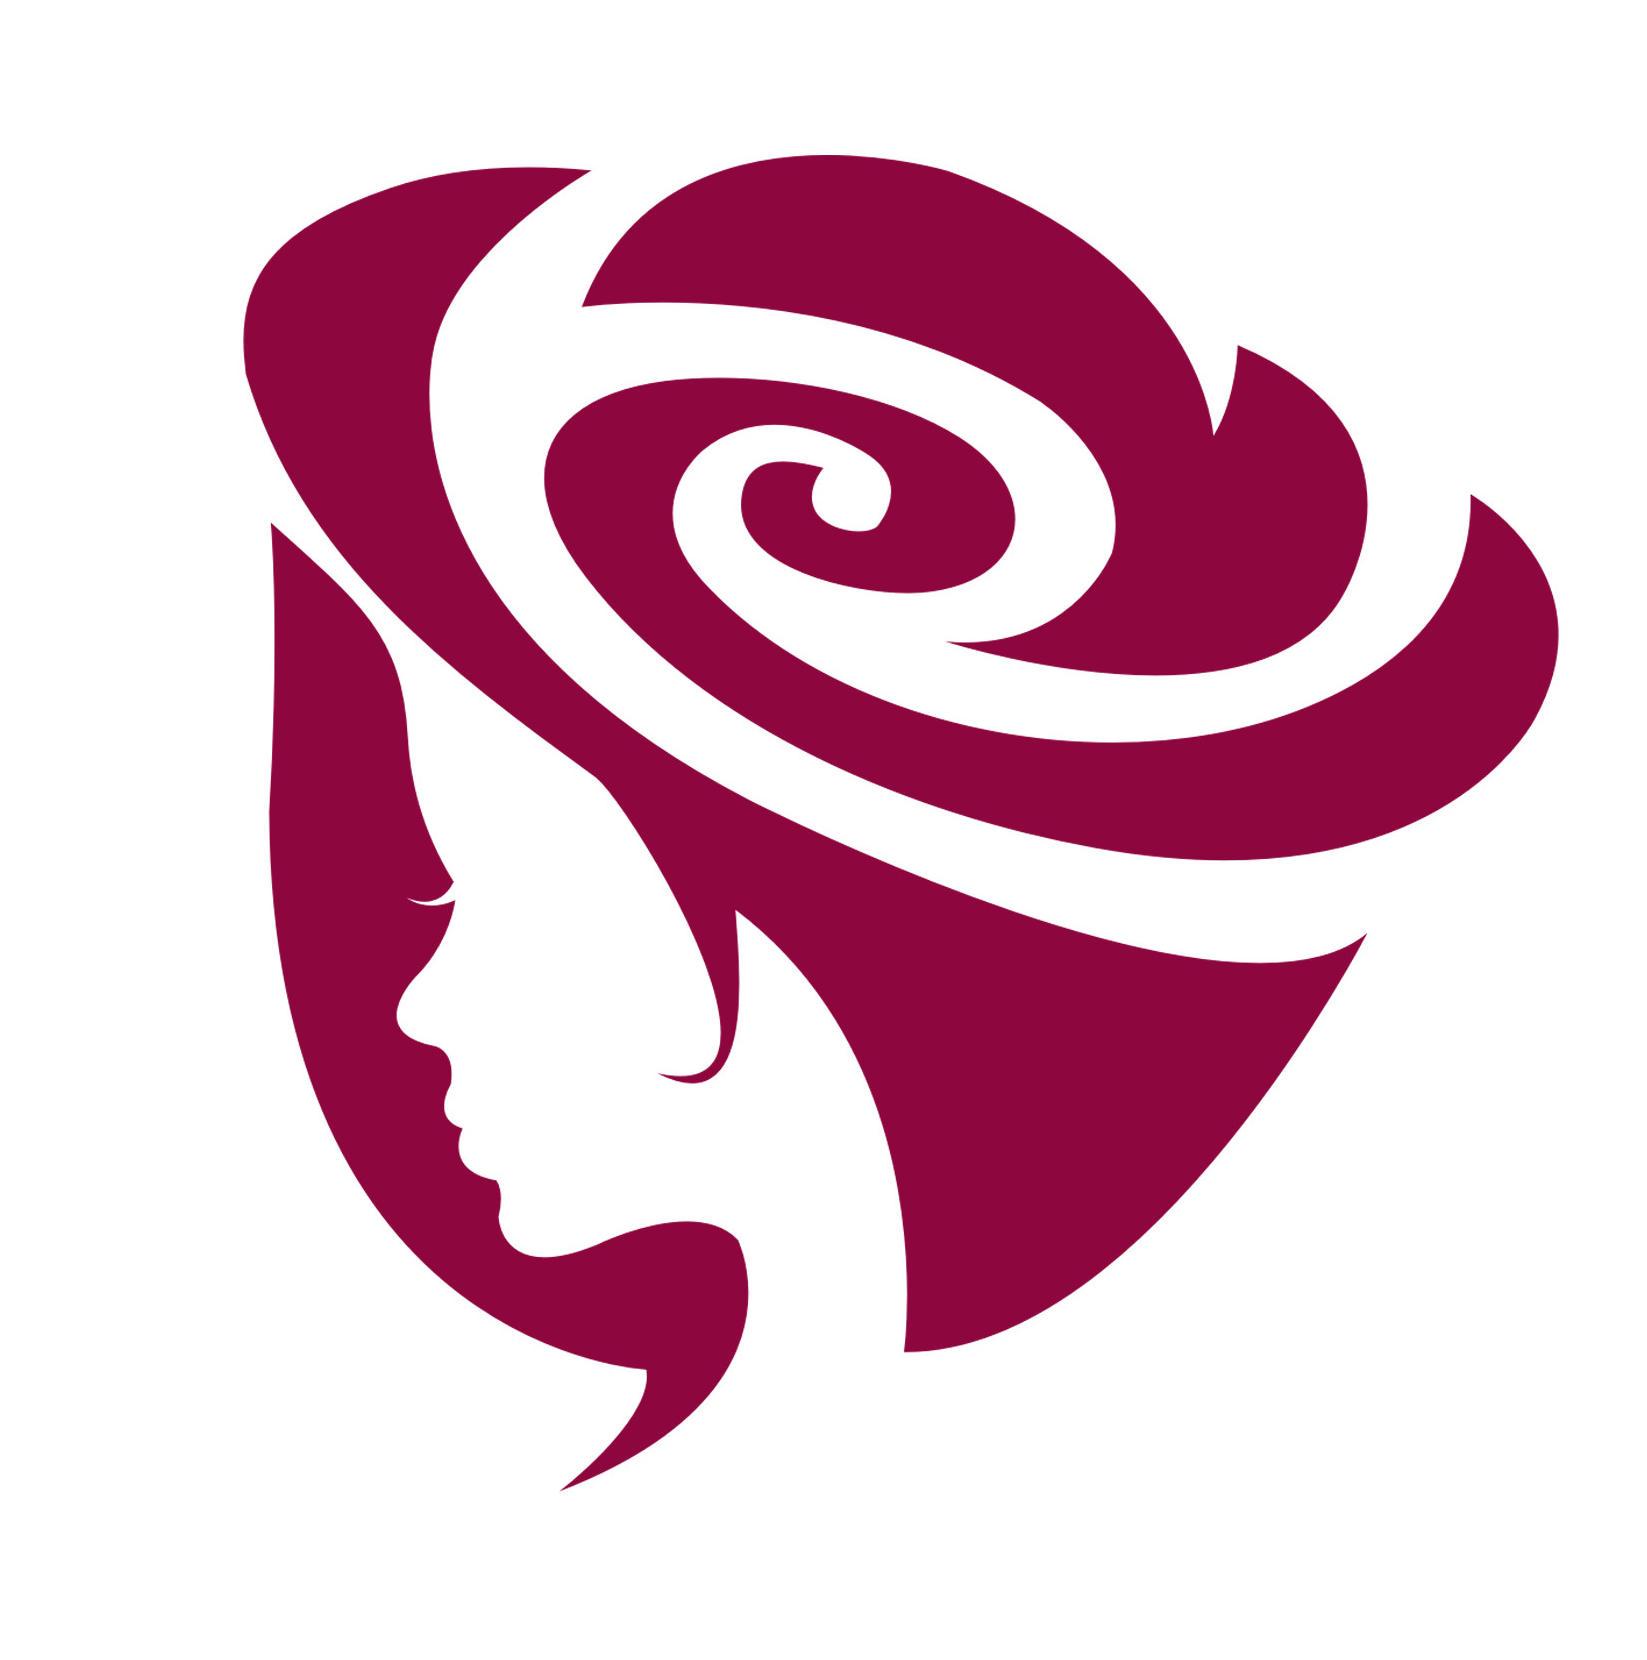 logo logo 标志 设计 矢量 矢量图 素材 图标 1647_1660